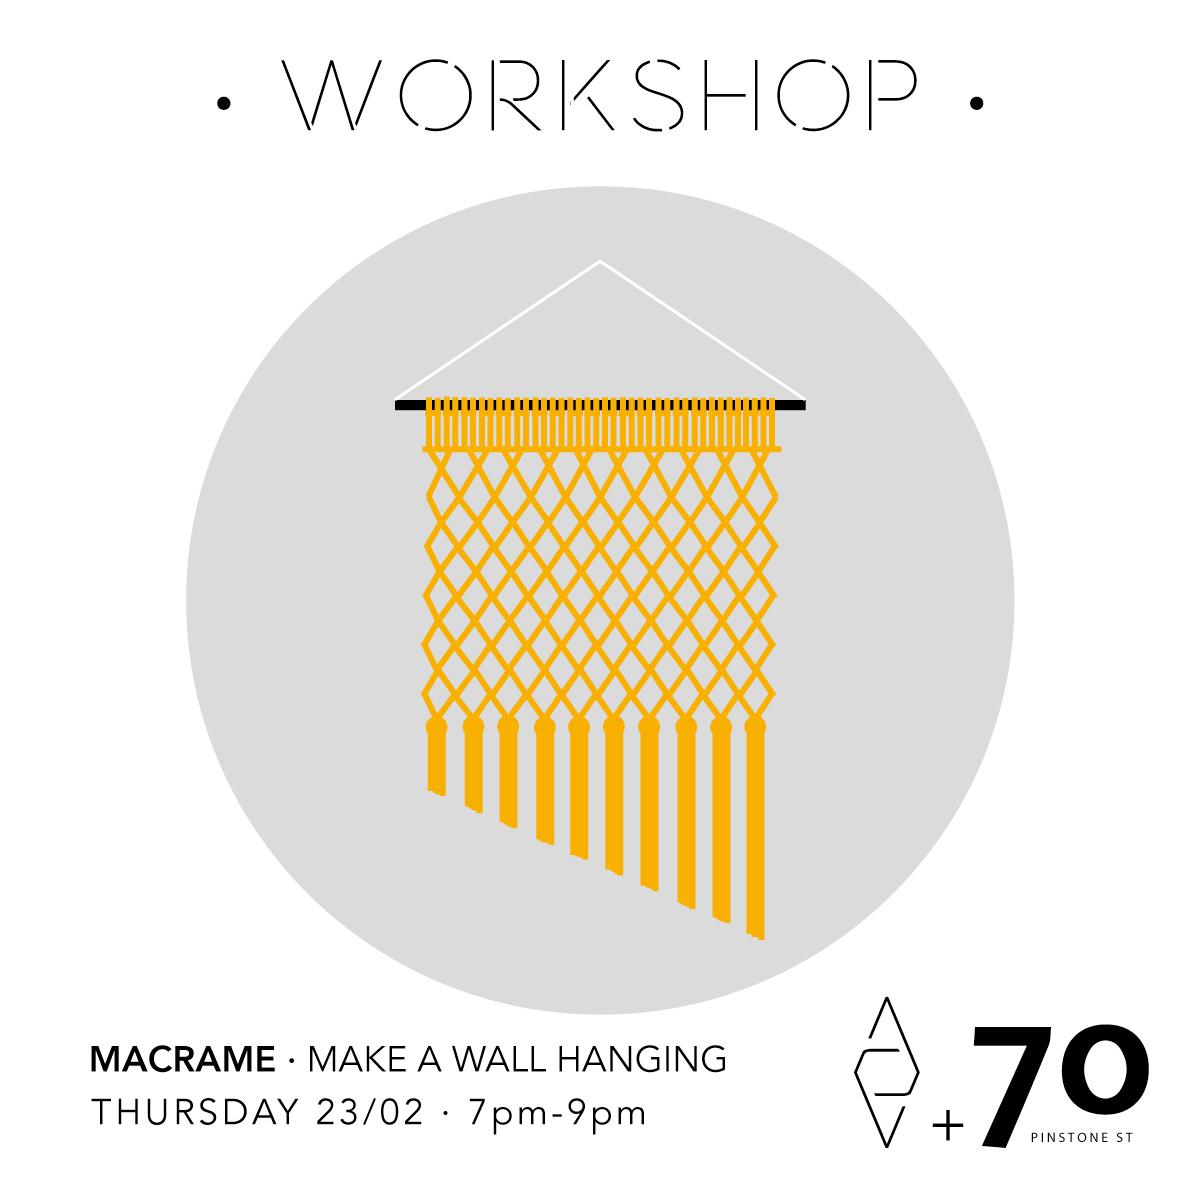 wall-hanging-workshop1.jpg